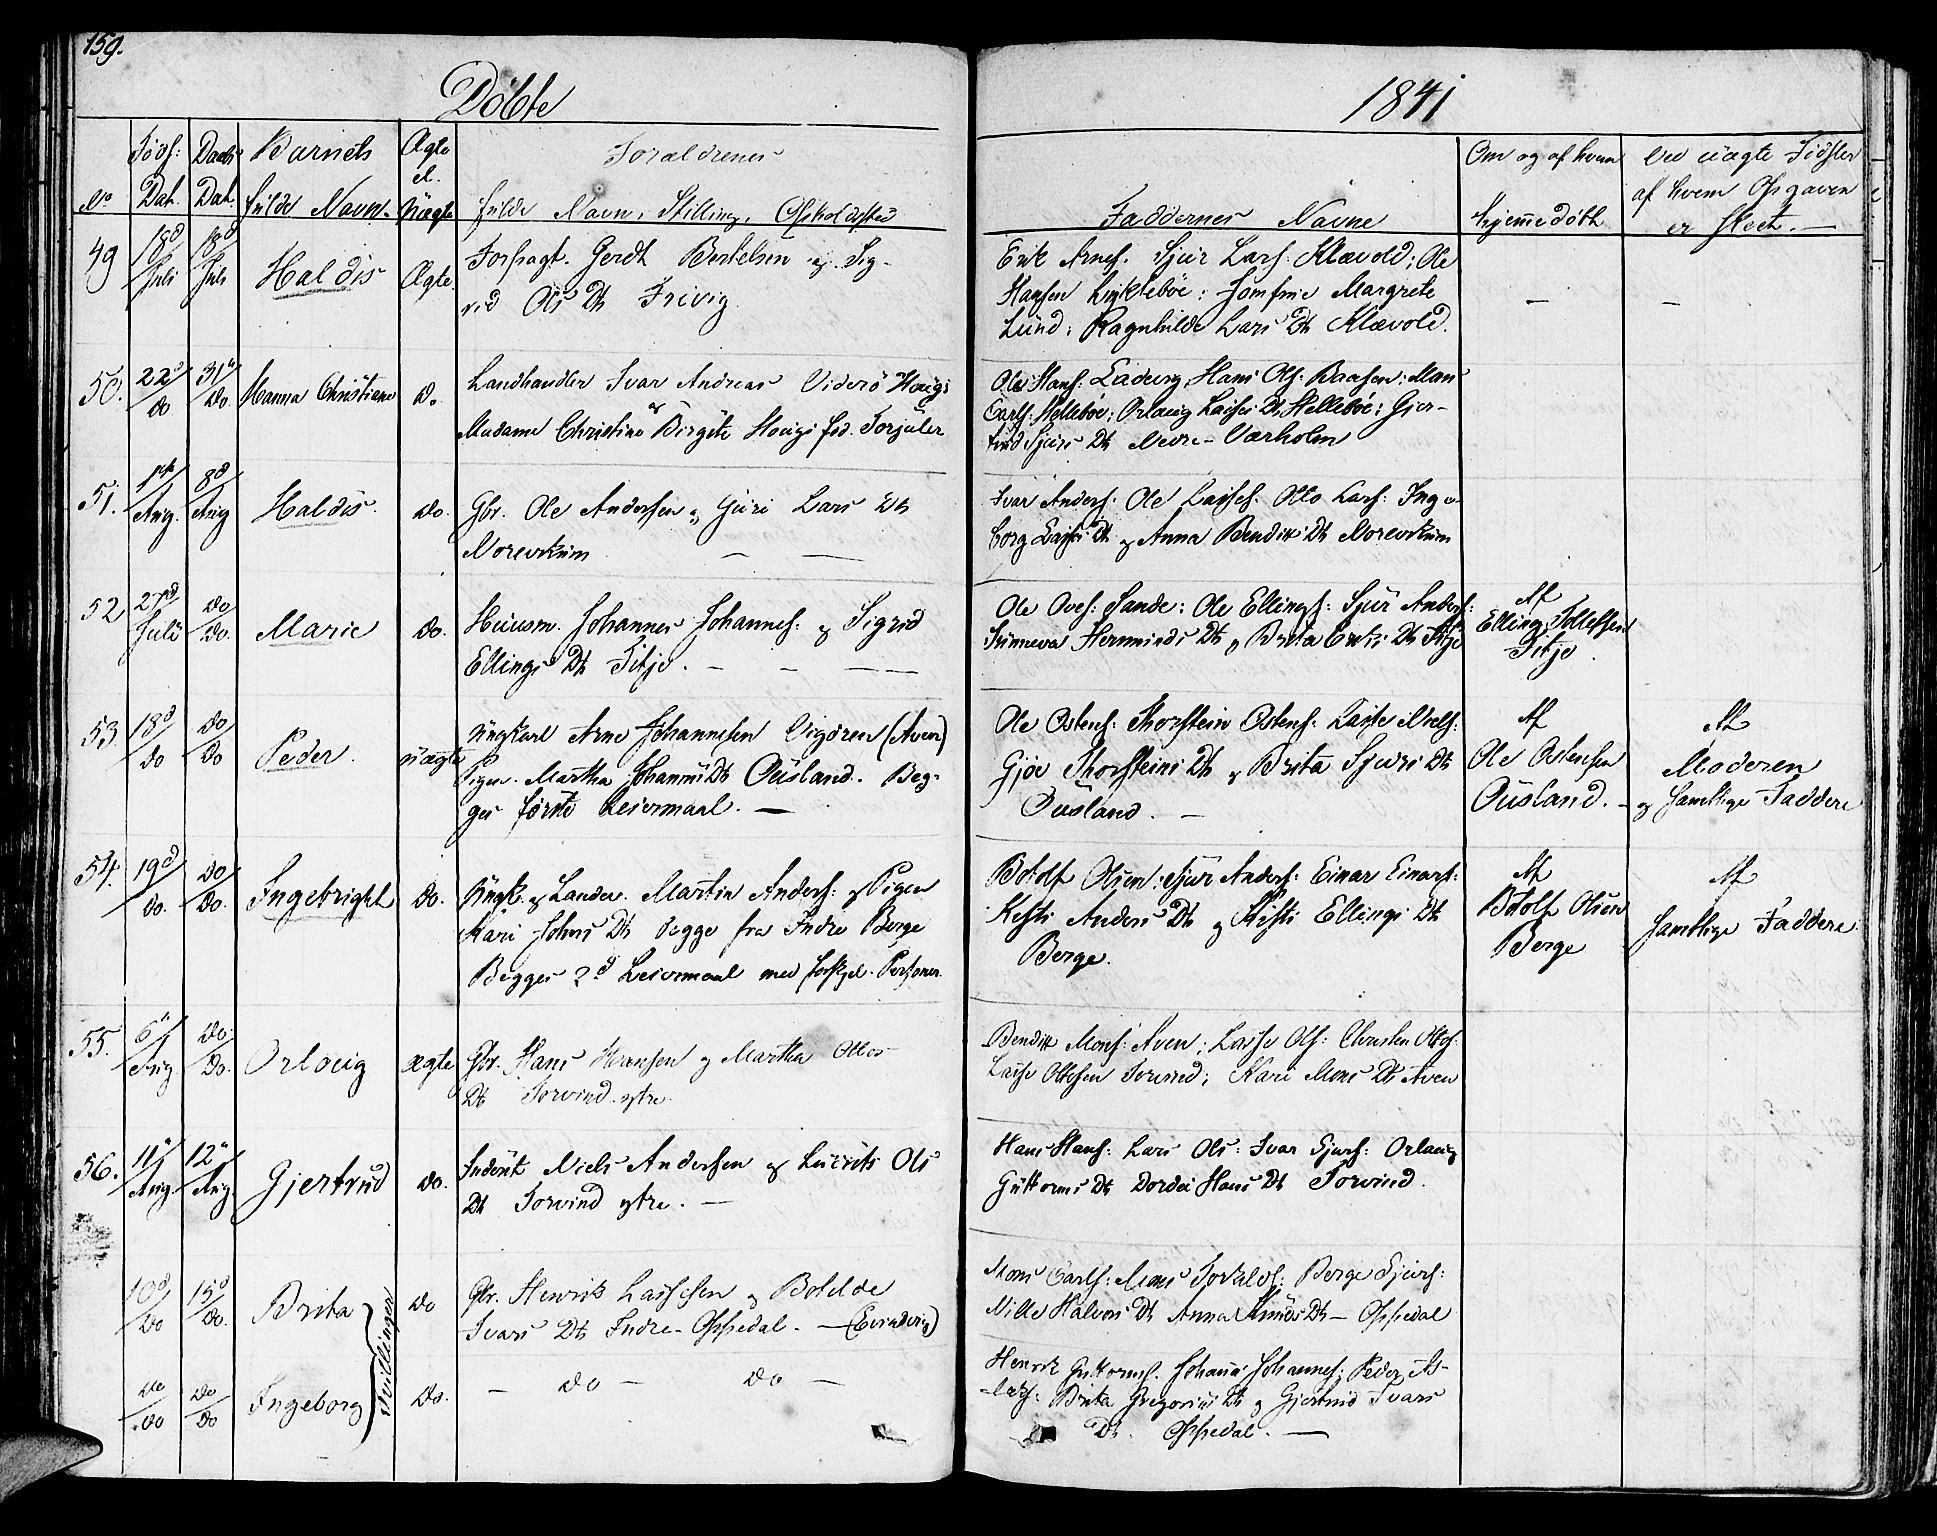 SAB, Lavik Sokneprestembete, Ministerialbok nr. A 2I, 1821-1842, s. 159